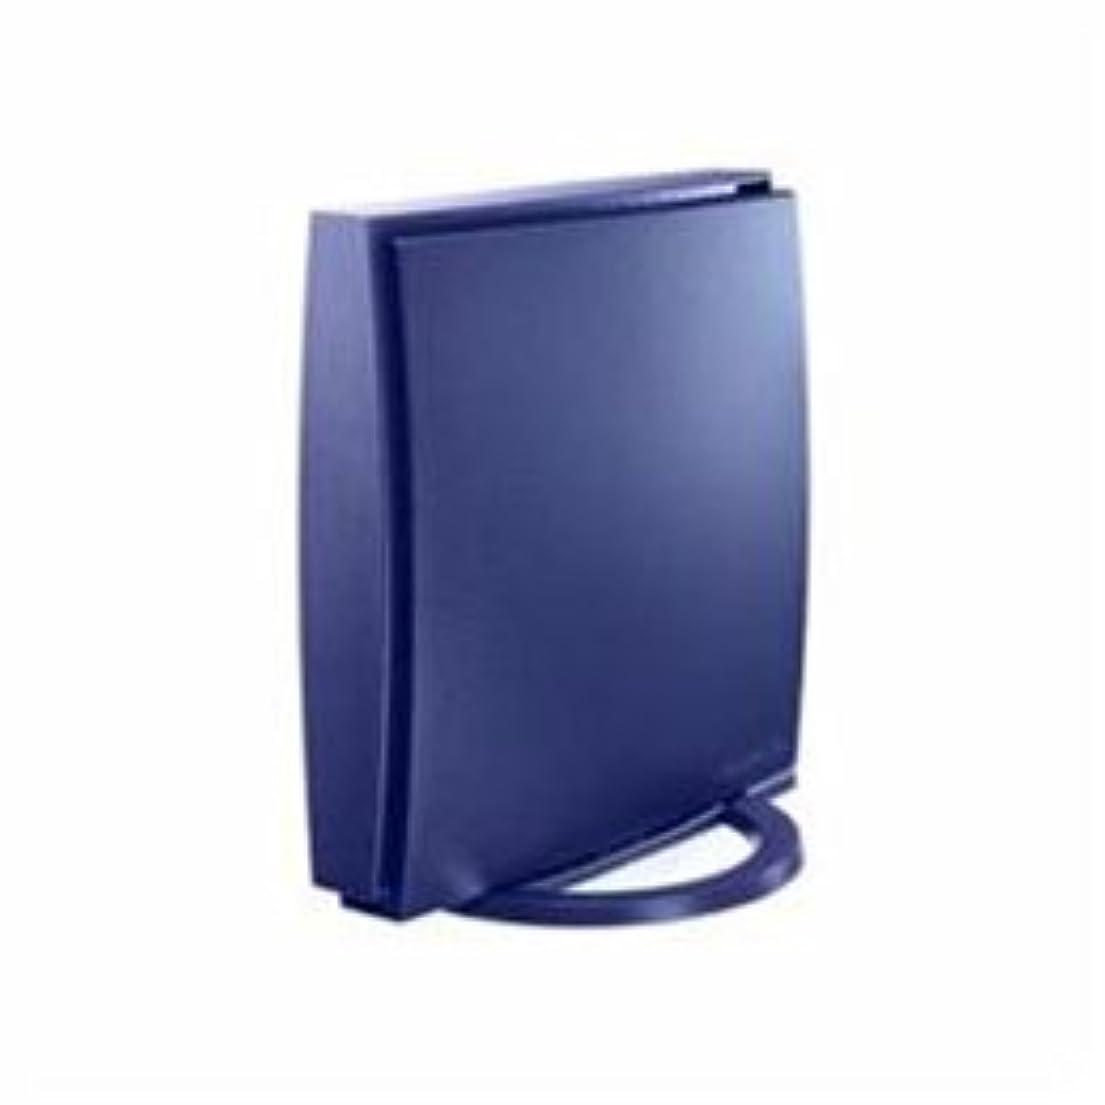 アラブ人めったに公使館【まとめ 2セット】 IOデータ 11n対応300Mbps(規格値)無線LAN(Wi-Fi)ルーター WN-GX300GR